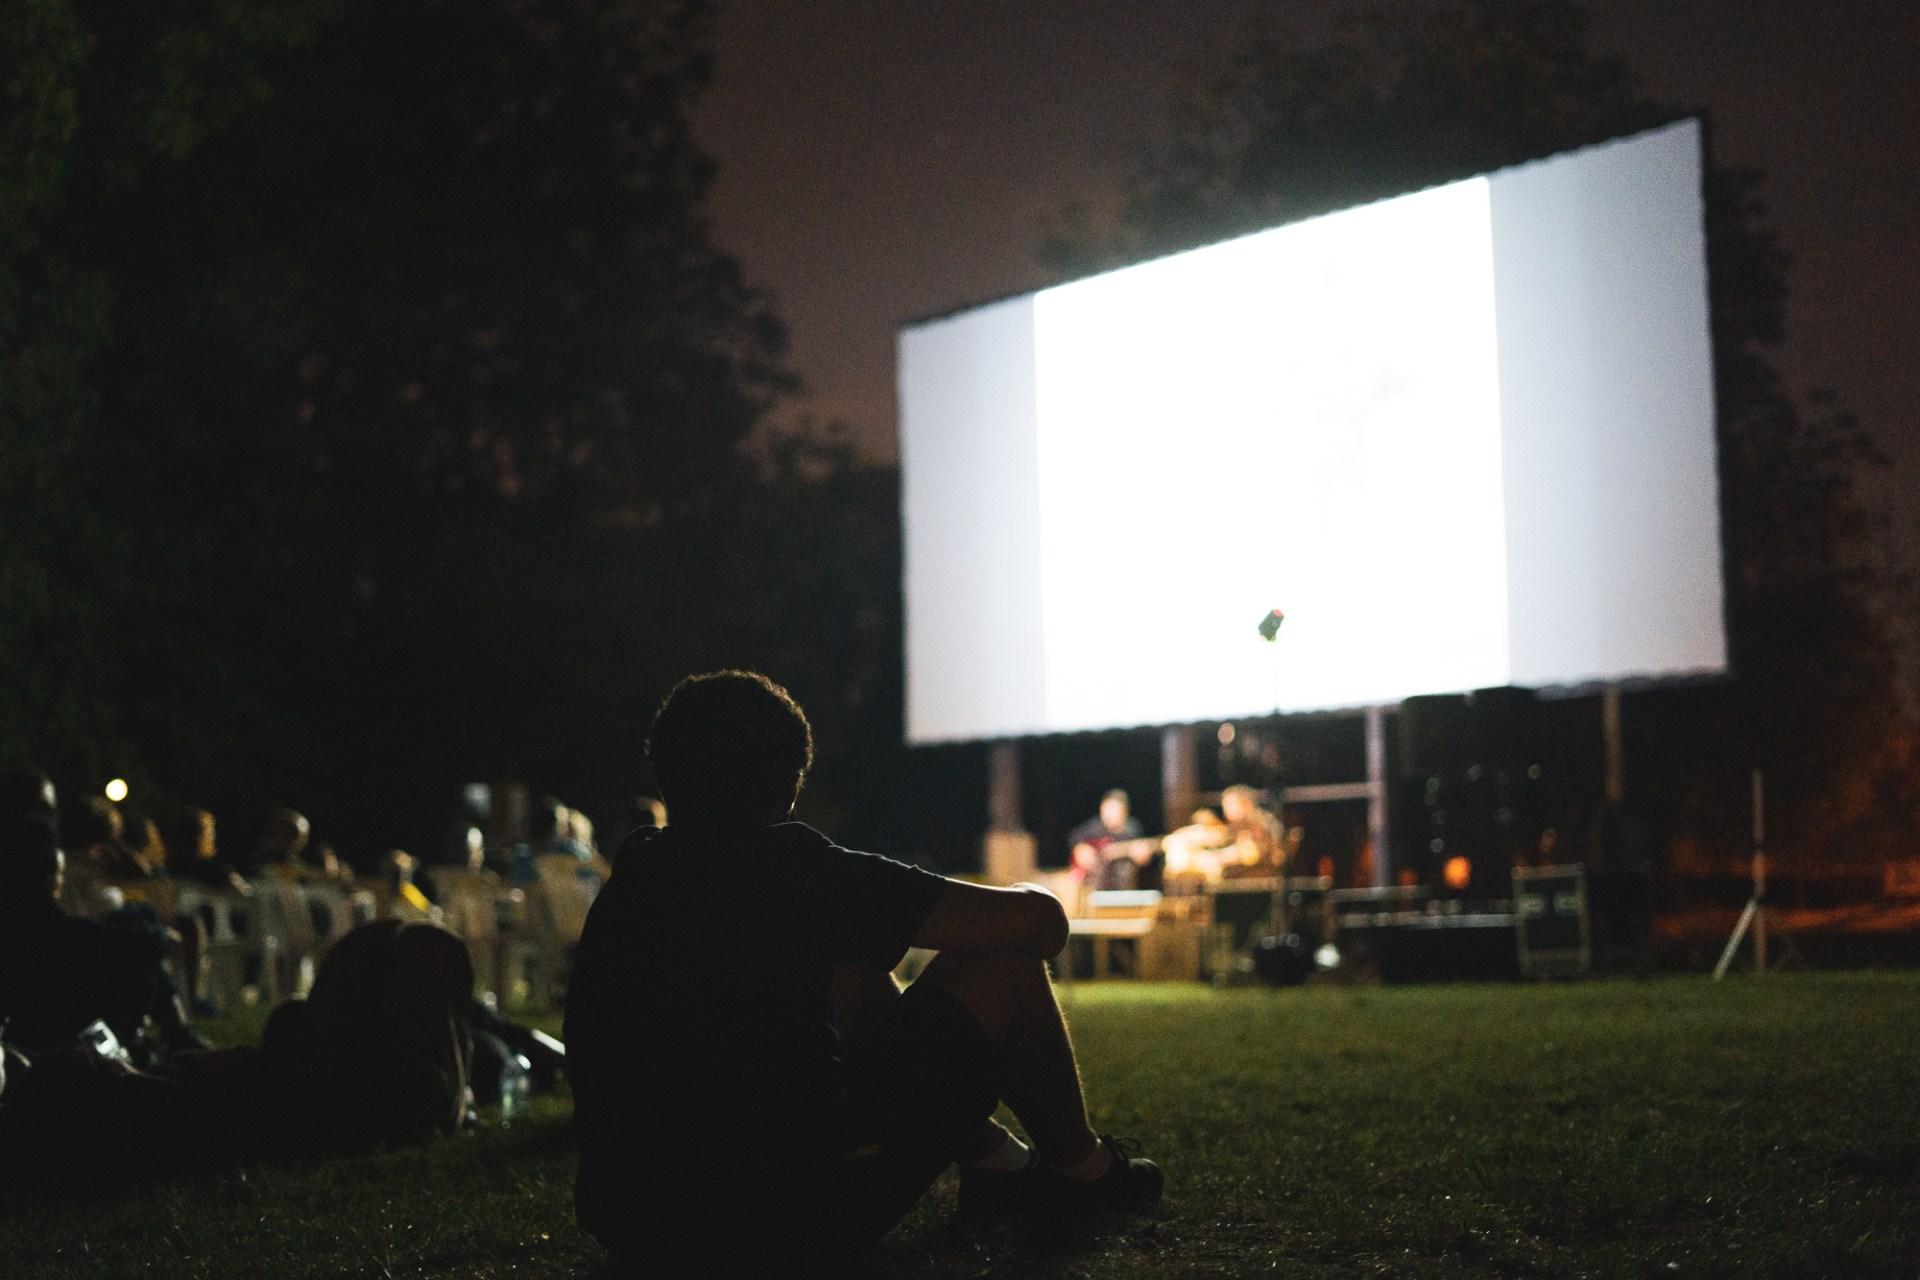 concorto-film-festival-programma